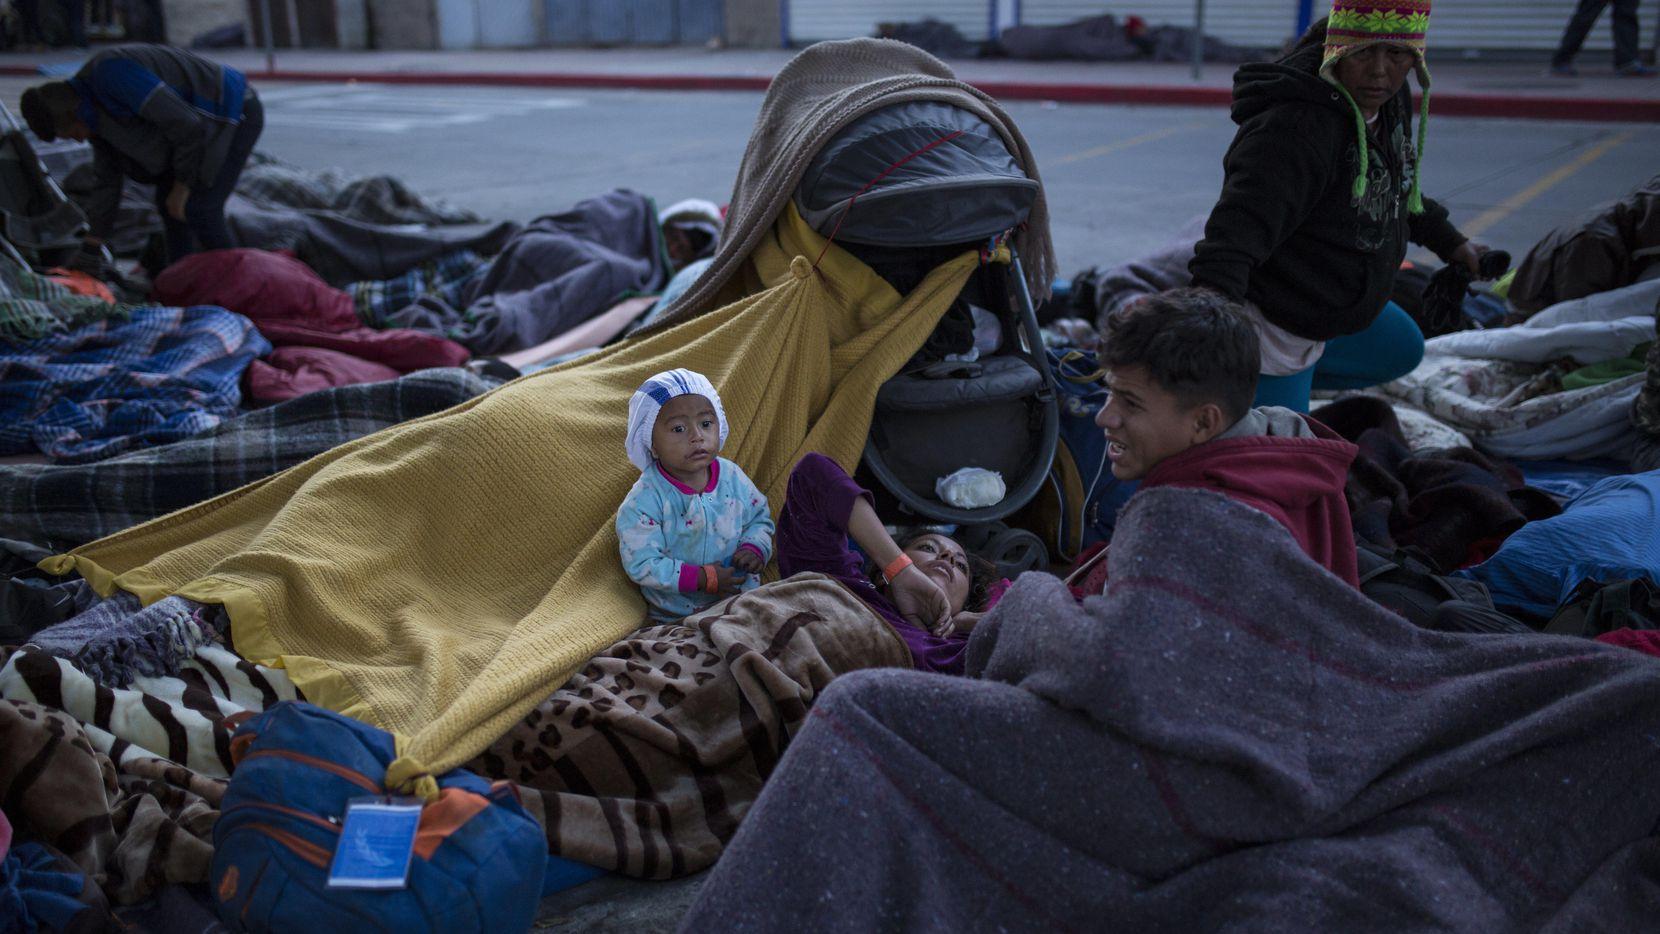 Grupo de migrantes que duermen en el cruce fronterizo que conecta Tijuaja con Estados Unidos. (AP/Rodrigo Abd)